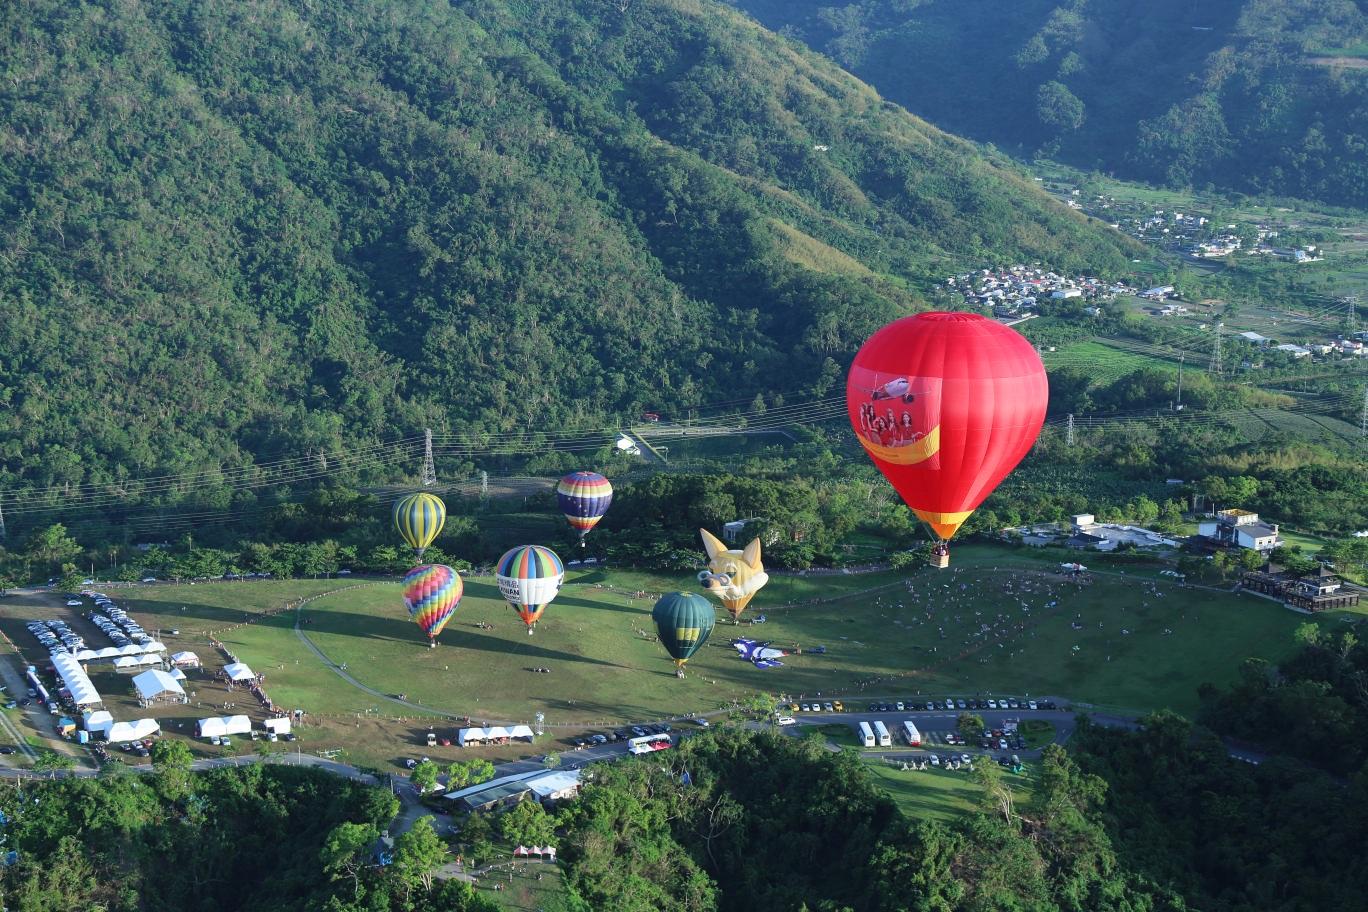 Biểu tượng Vietjet rực rỡ tại Lễ hội khinh khí cầu quốc tế - 1